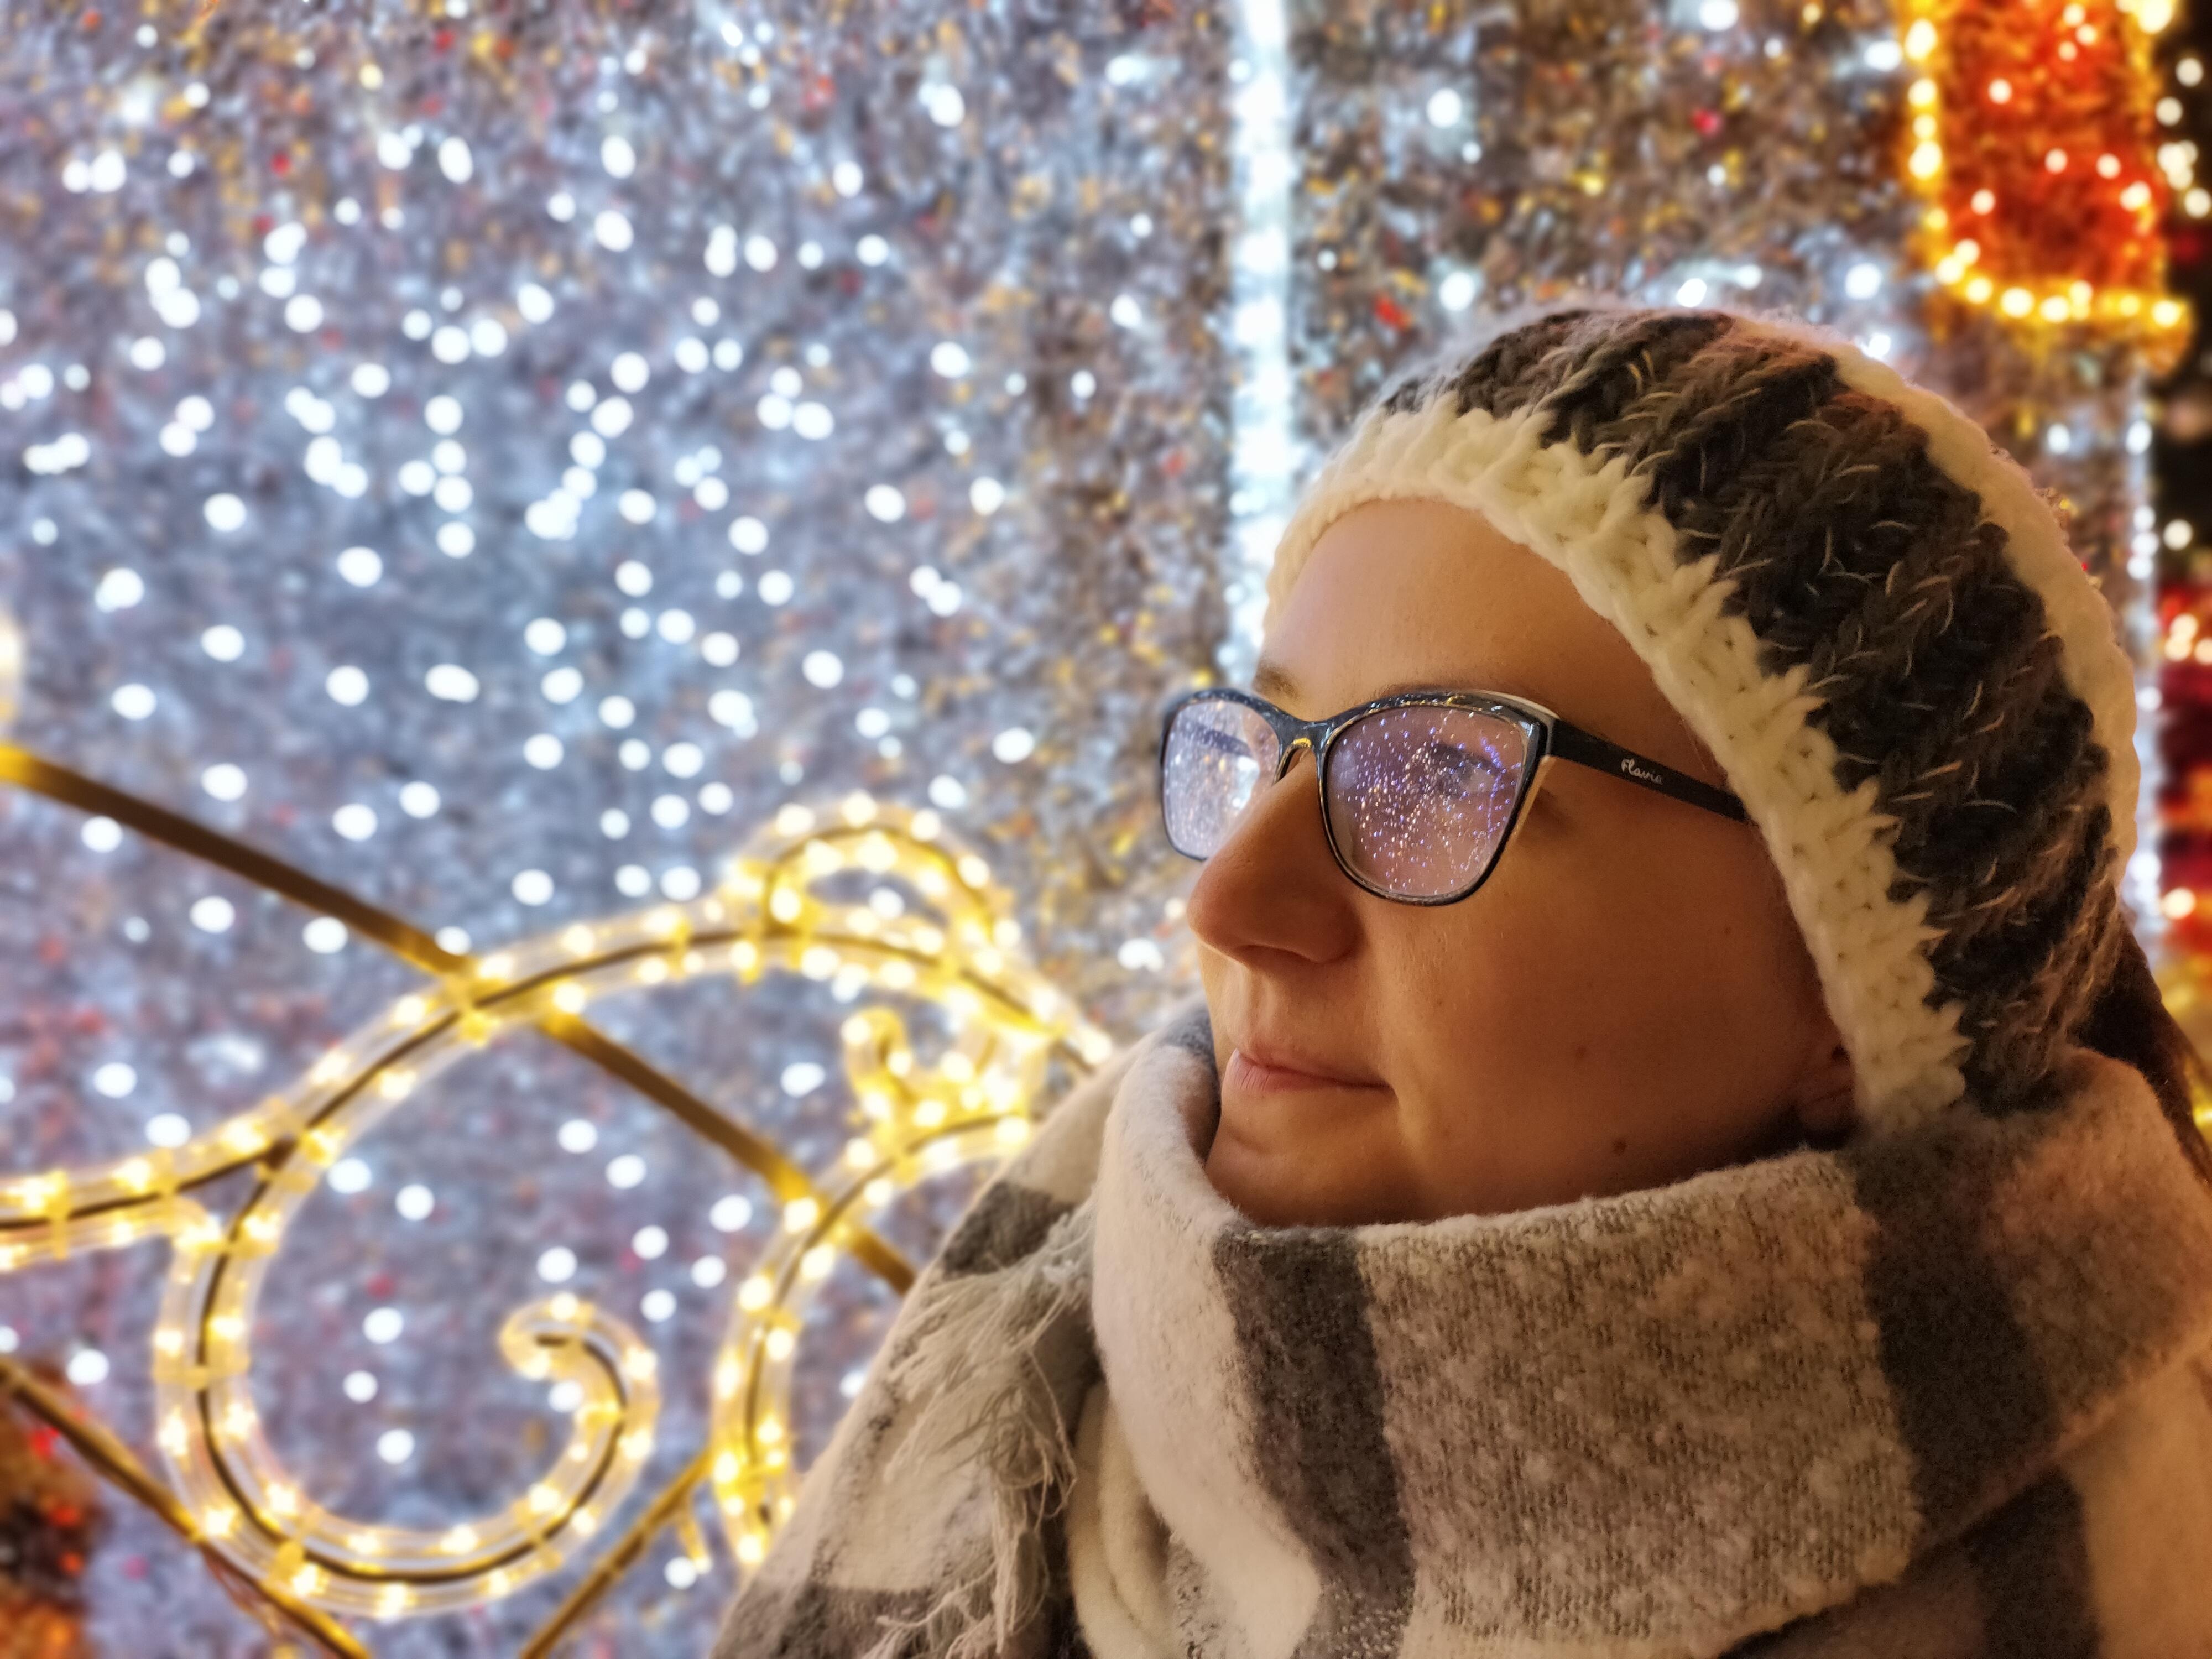 Jak robić dobre zdjęcia oddające magię świąt? 24